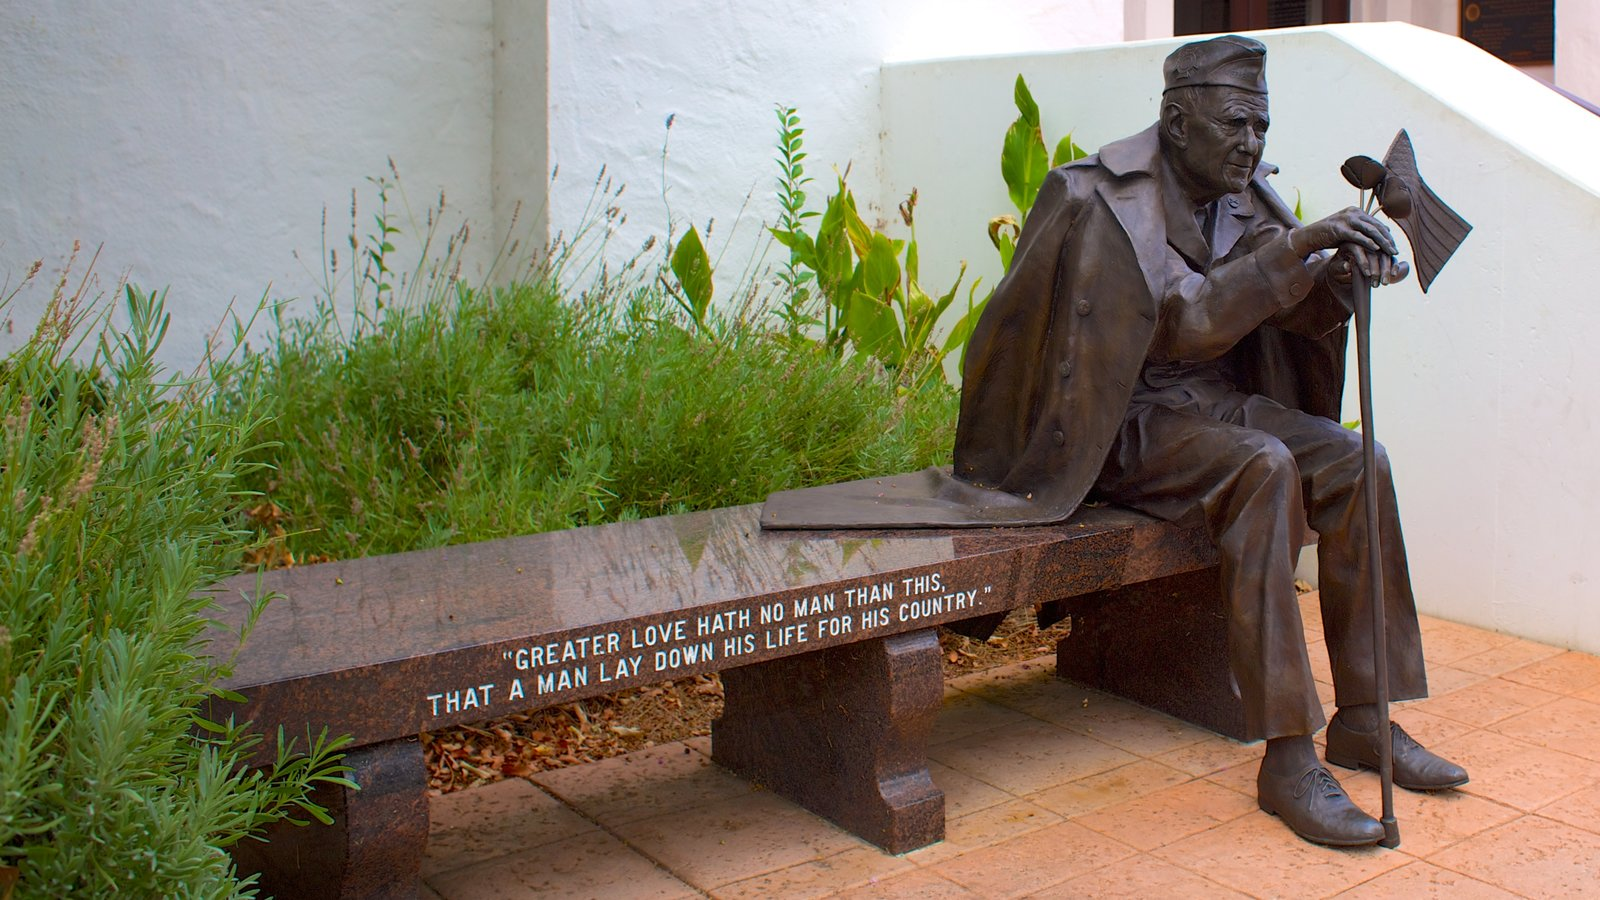 Pleasanton caracterizando uma estátua ou escultura e um memorial